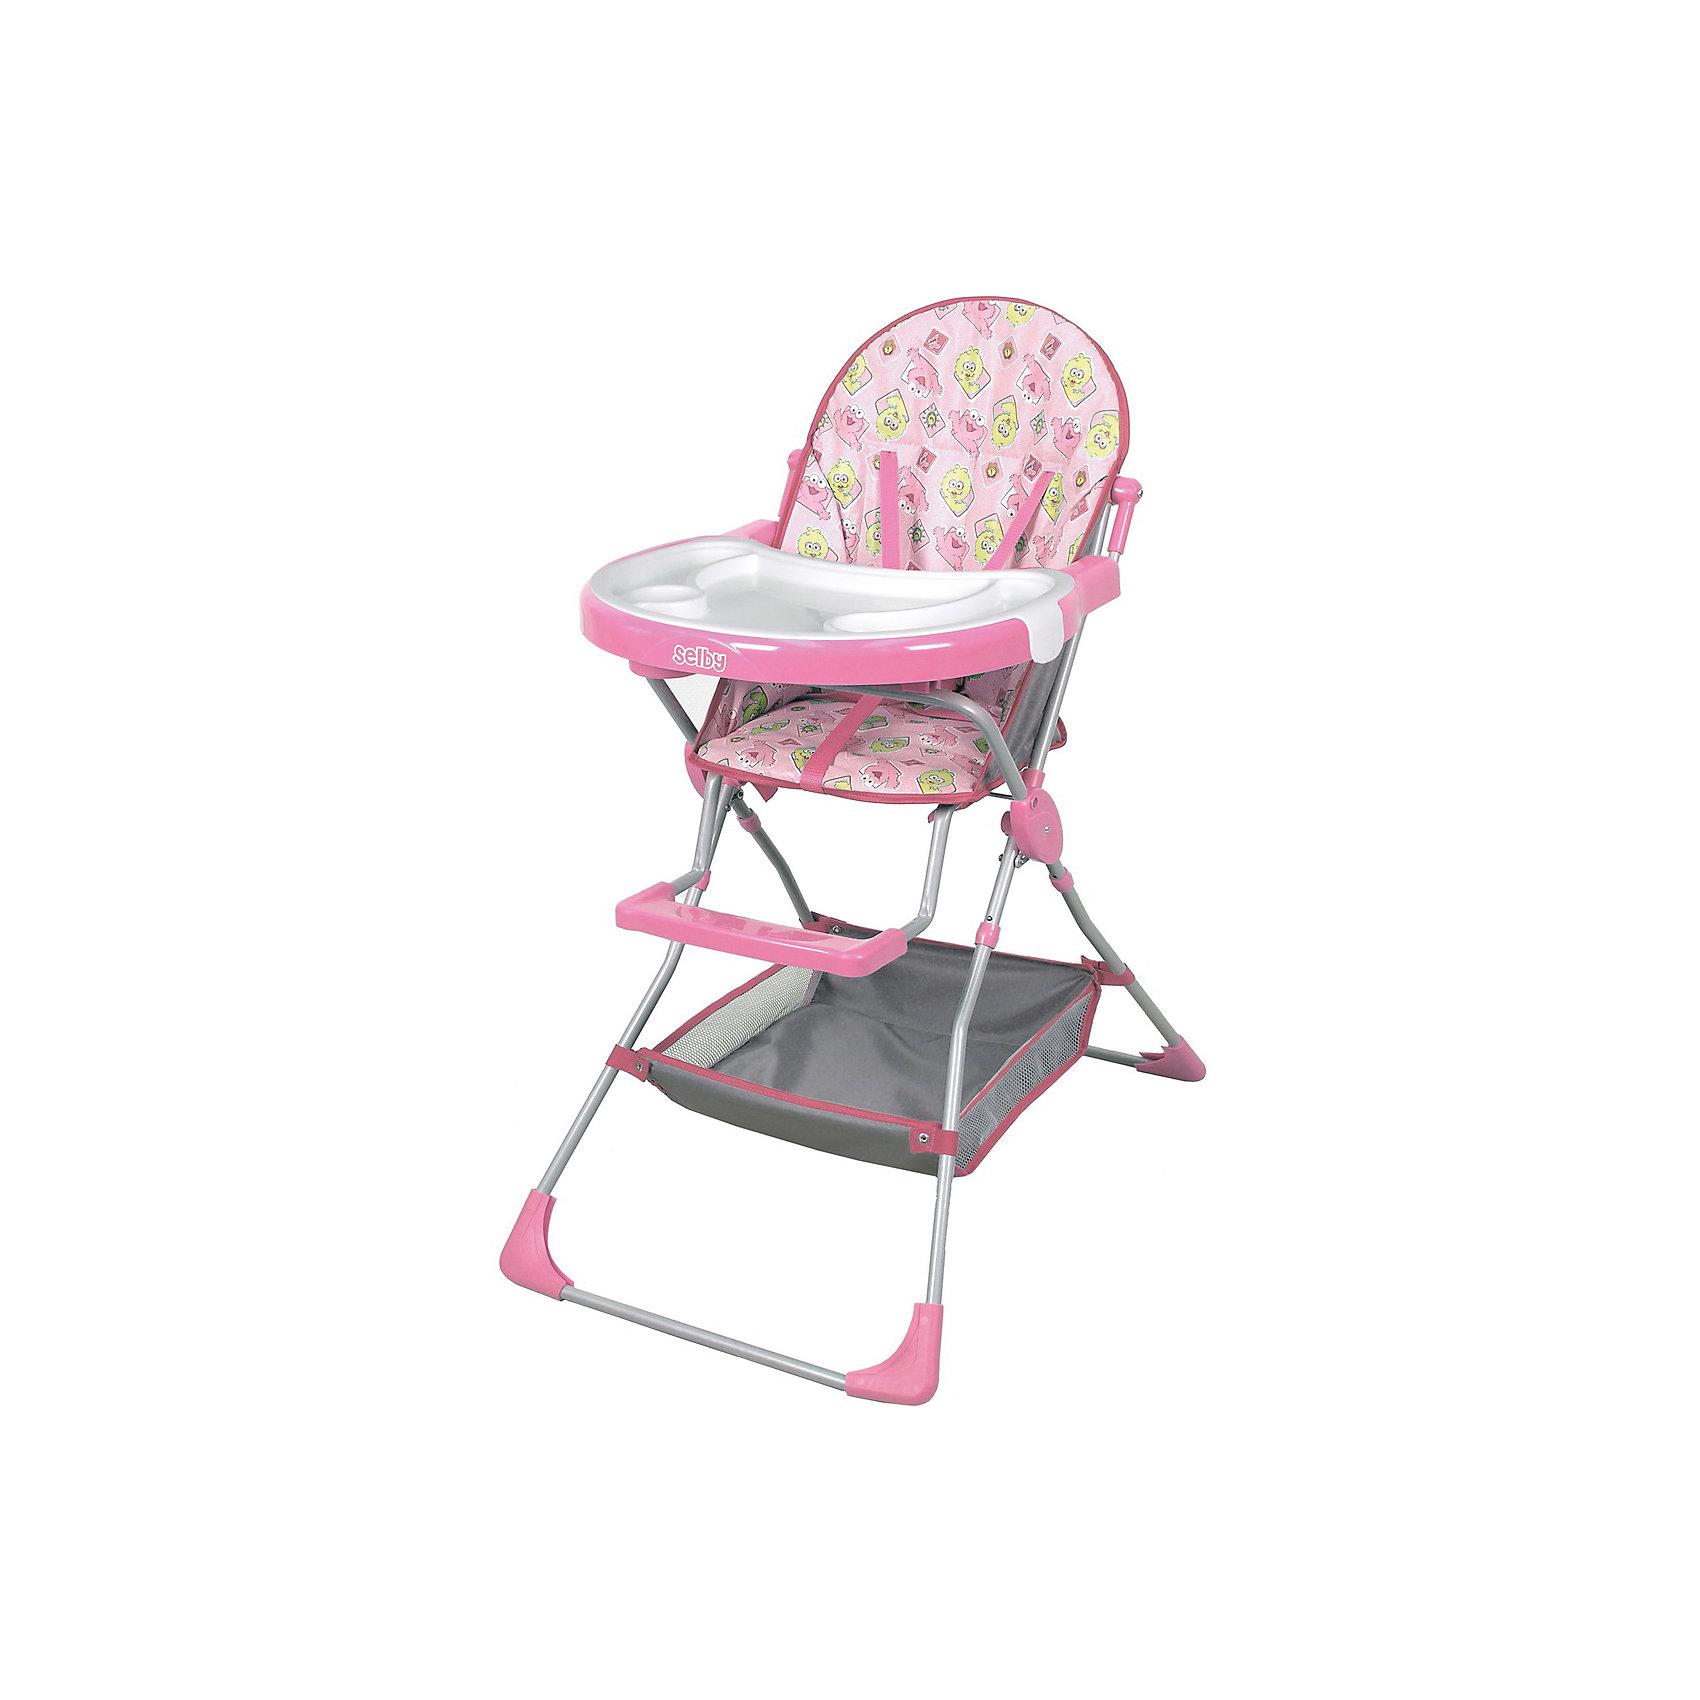 Стульчик для кормления 252 Selby, розовыйУдобный стульчик для кормления оснащен трехточечными  ремнями безопасности и подставкой для ног. Имеет большой удобный столик, съемный поднос с углублением для посуды и корзинку для принадлежностей. Легкая устойчивая конструкция и съемное моющееся сидение удобны в использовании и уходе.<br><br>Дополнительная информация:<br><br>- Материал: пластик, ПЭ, металл.<br>- Размер: 73,5 х 53 х 100,5 см.<br>- Вес: 5,10 кг.<br>- Цвет: розовый.<br>- Пятиточечный ремень безопасности.<br>- Съемный поднос с углублением для посуды<br>- Подставка для ног.<br>- Съемное моющееся сидение.<br>- Корзинка для принадлежностей.<br><br>Стульчик для кормления 252 Selby, розовый, можно купить в нашем магазине.<br><br>Ширина мм: 1005<br>Глубина мм: 550<br>Высота мм: 530<br>Вес г: 6350<br>Возраст от месяцев: 6<br>Возраст до месяцев: 36<br>Пол: Женский<br>Возраст: Детский<br>SKU: 4067754